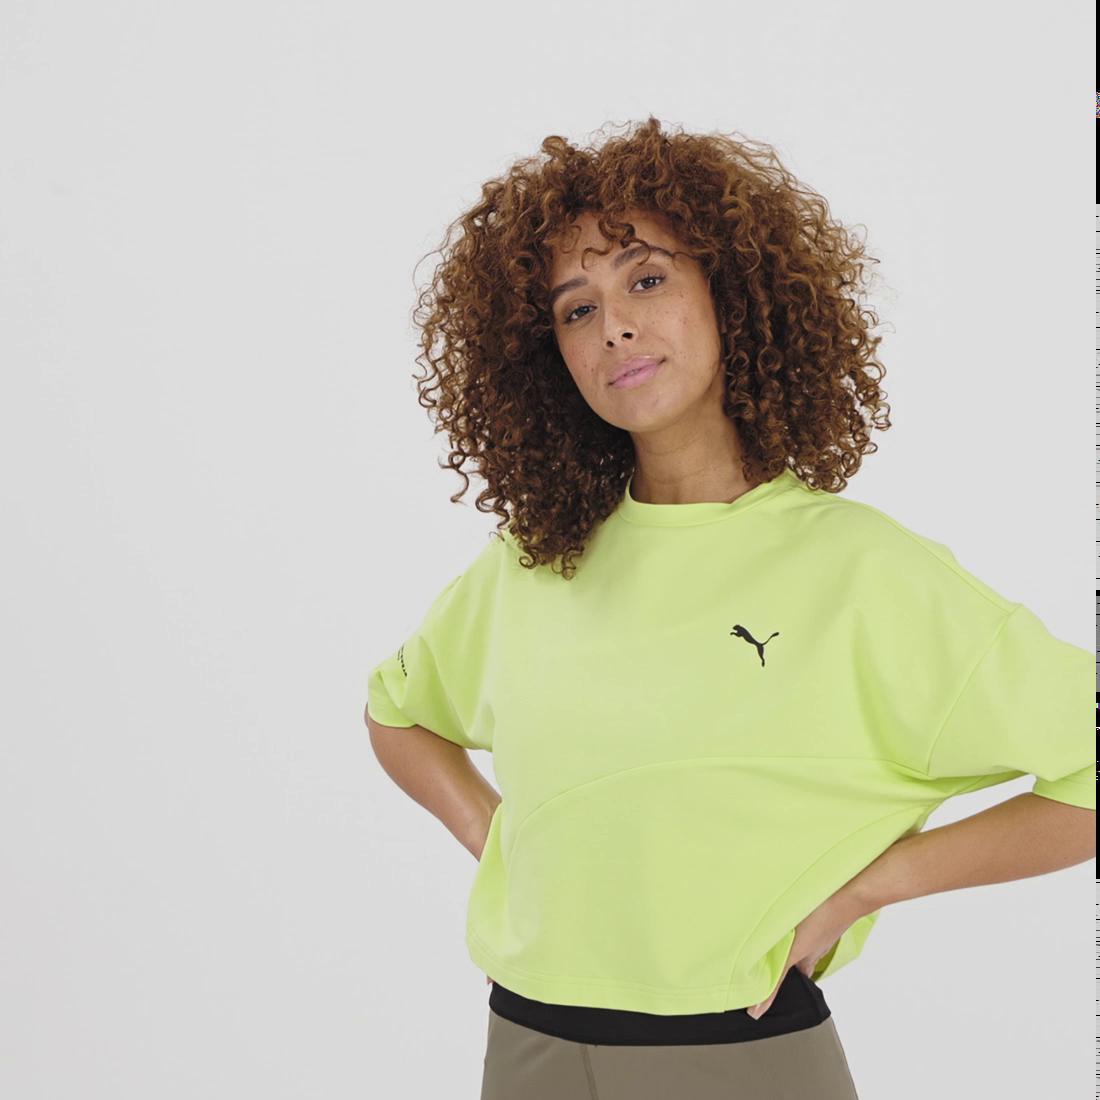 Görüntü Puma EVIDE FORMSTRIP Kısa Kesim Kadın T-Shirt #8